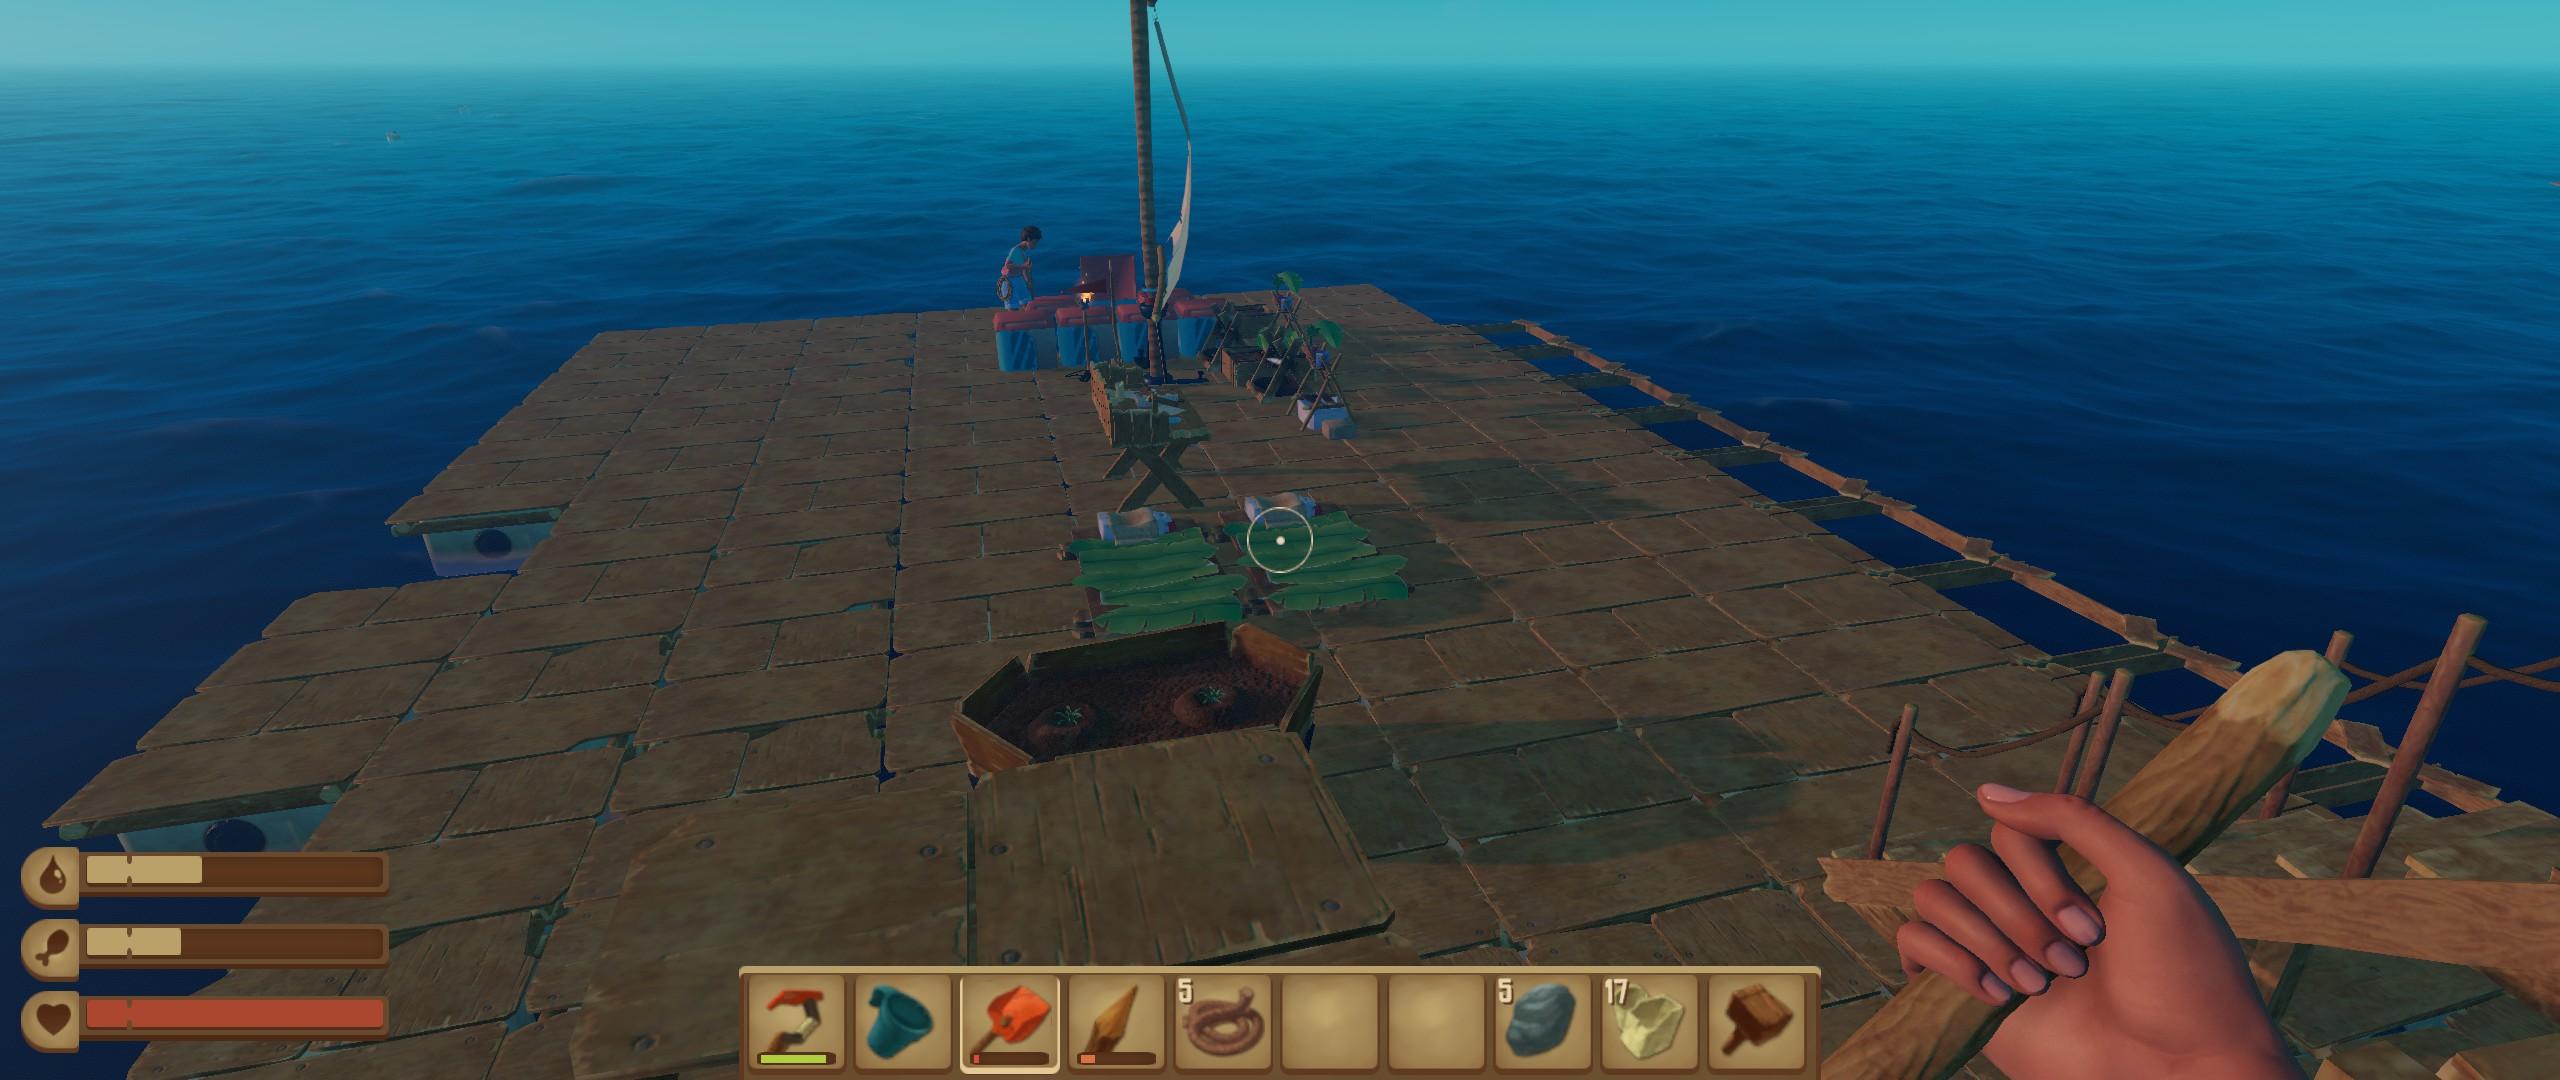 海上木筏生存Raft的研究台的作用